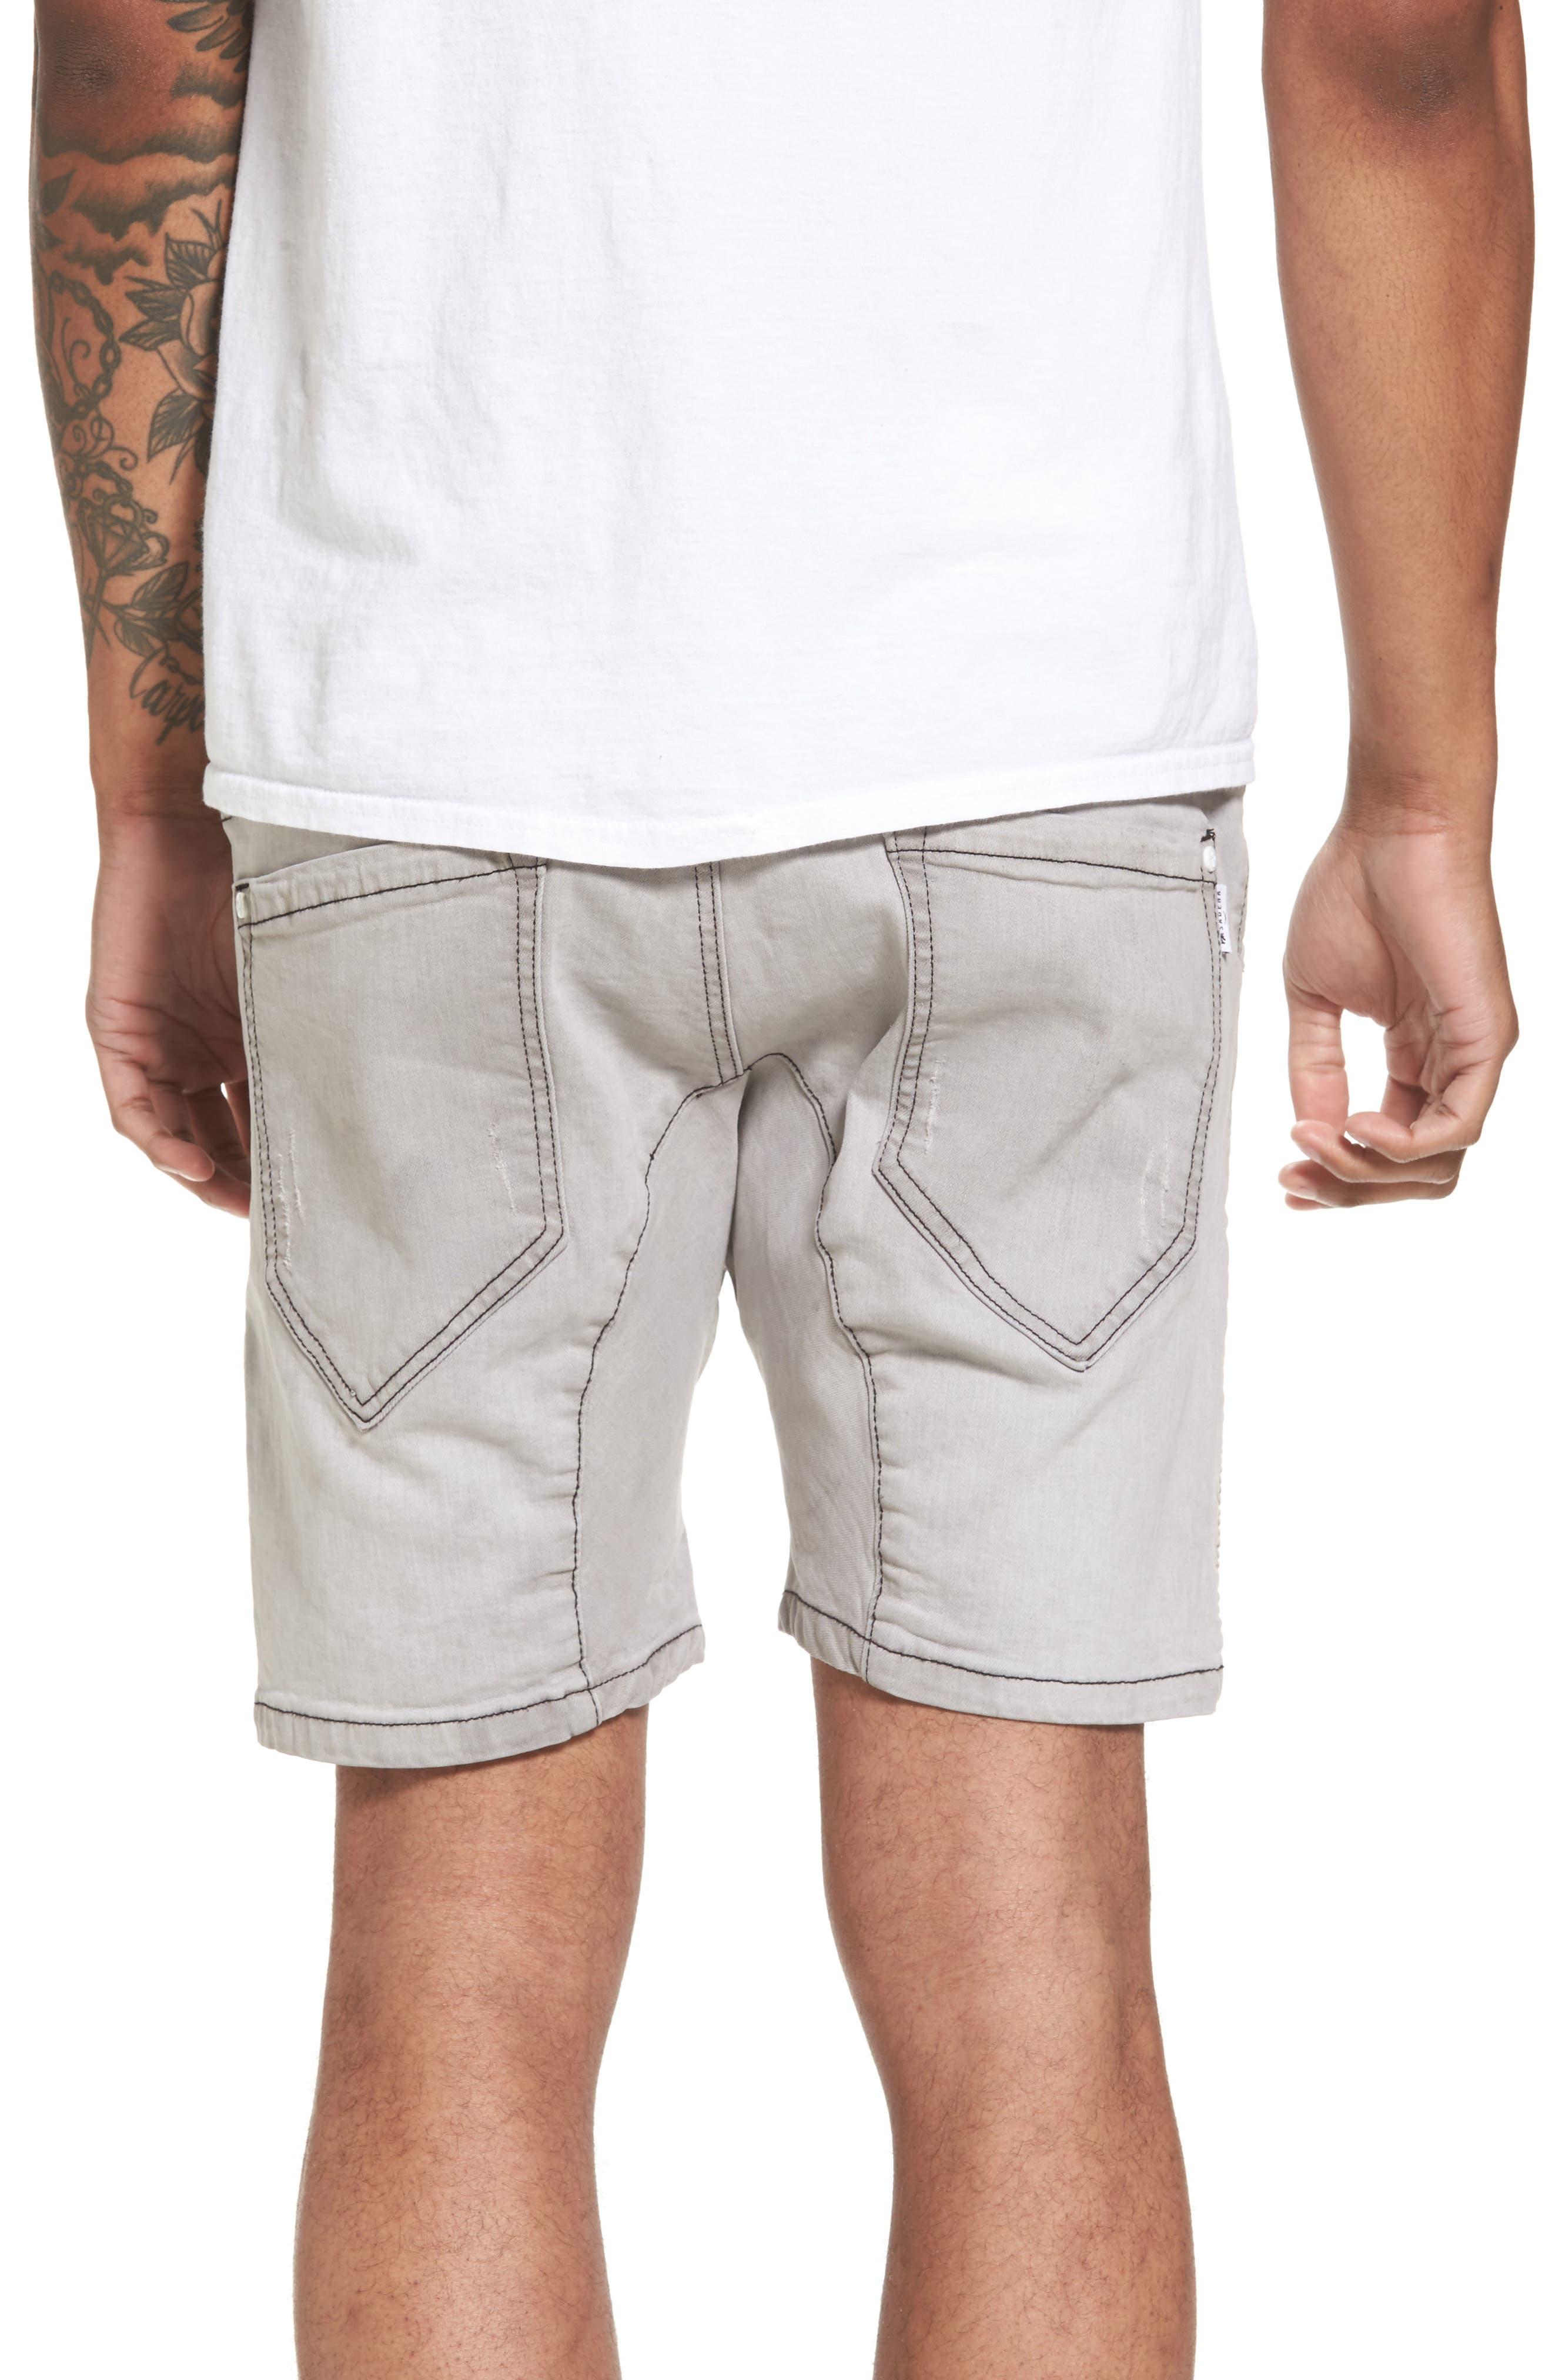 Scope Shorts,                             Alternate thumbnail 2, color,                             069